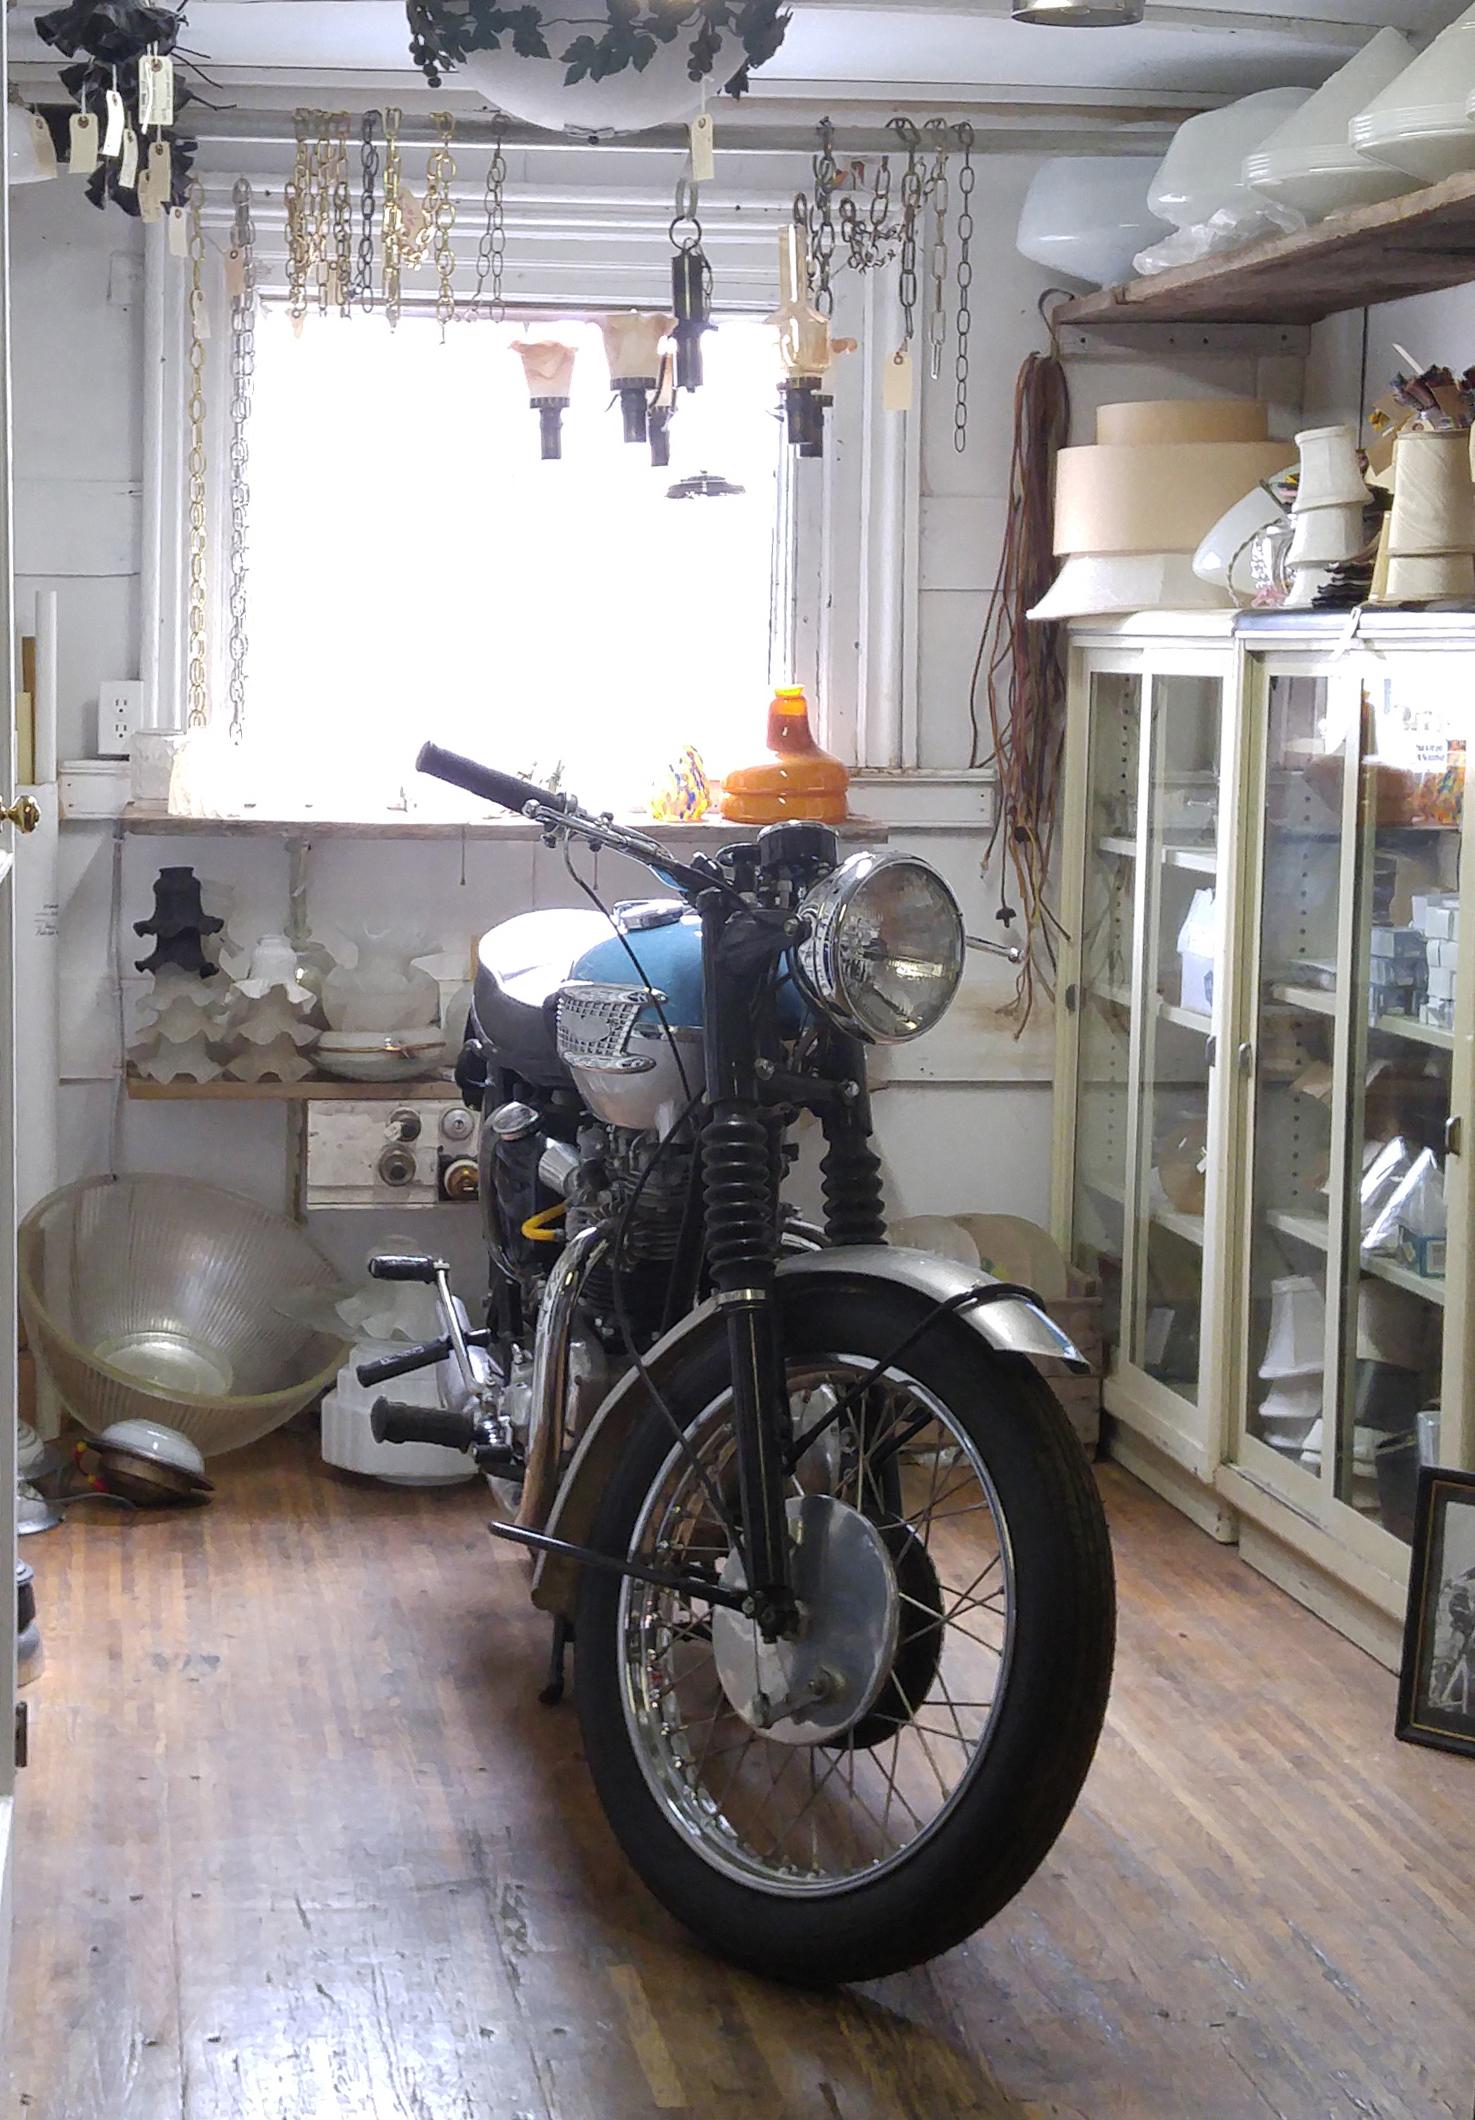 Restored 1963 Triumph Bonneville motorcycle.